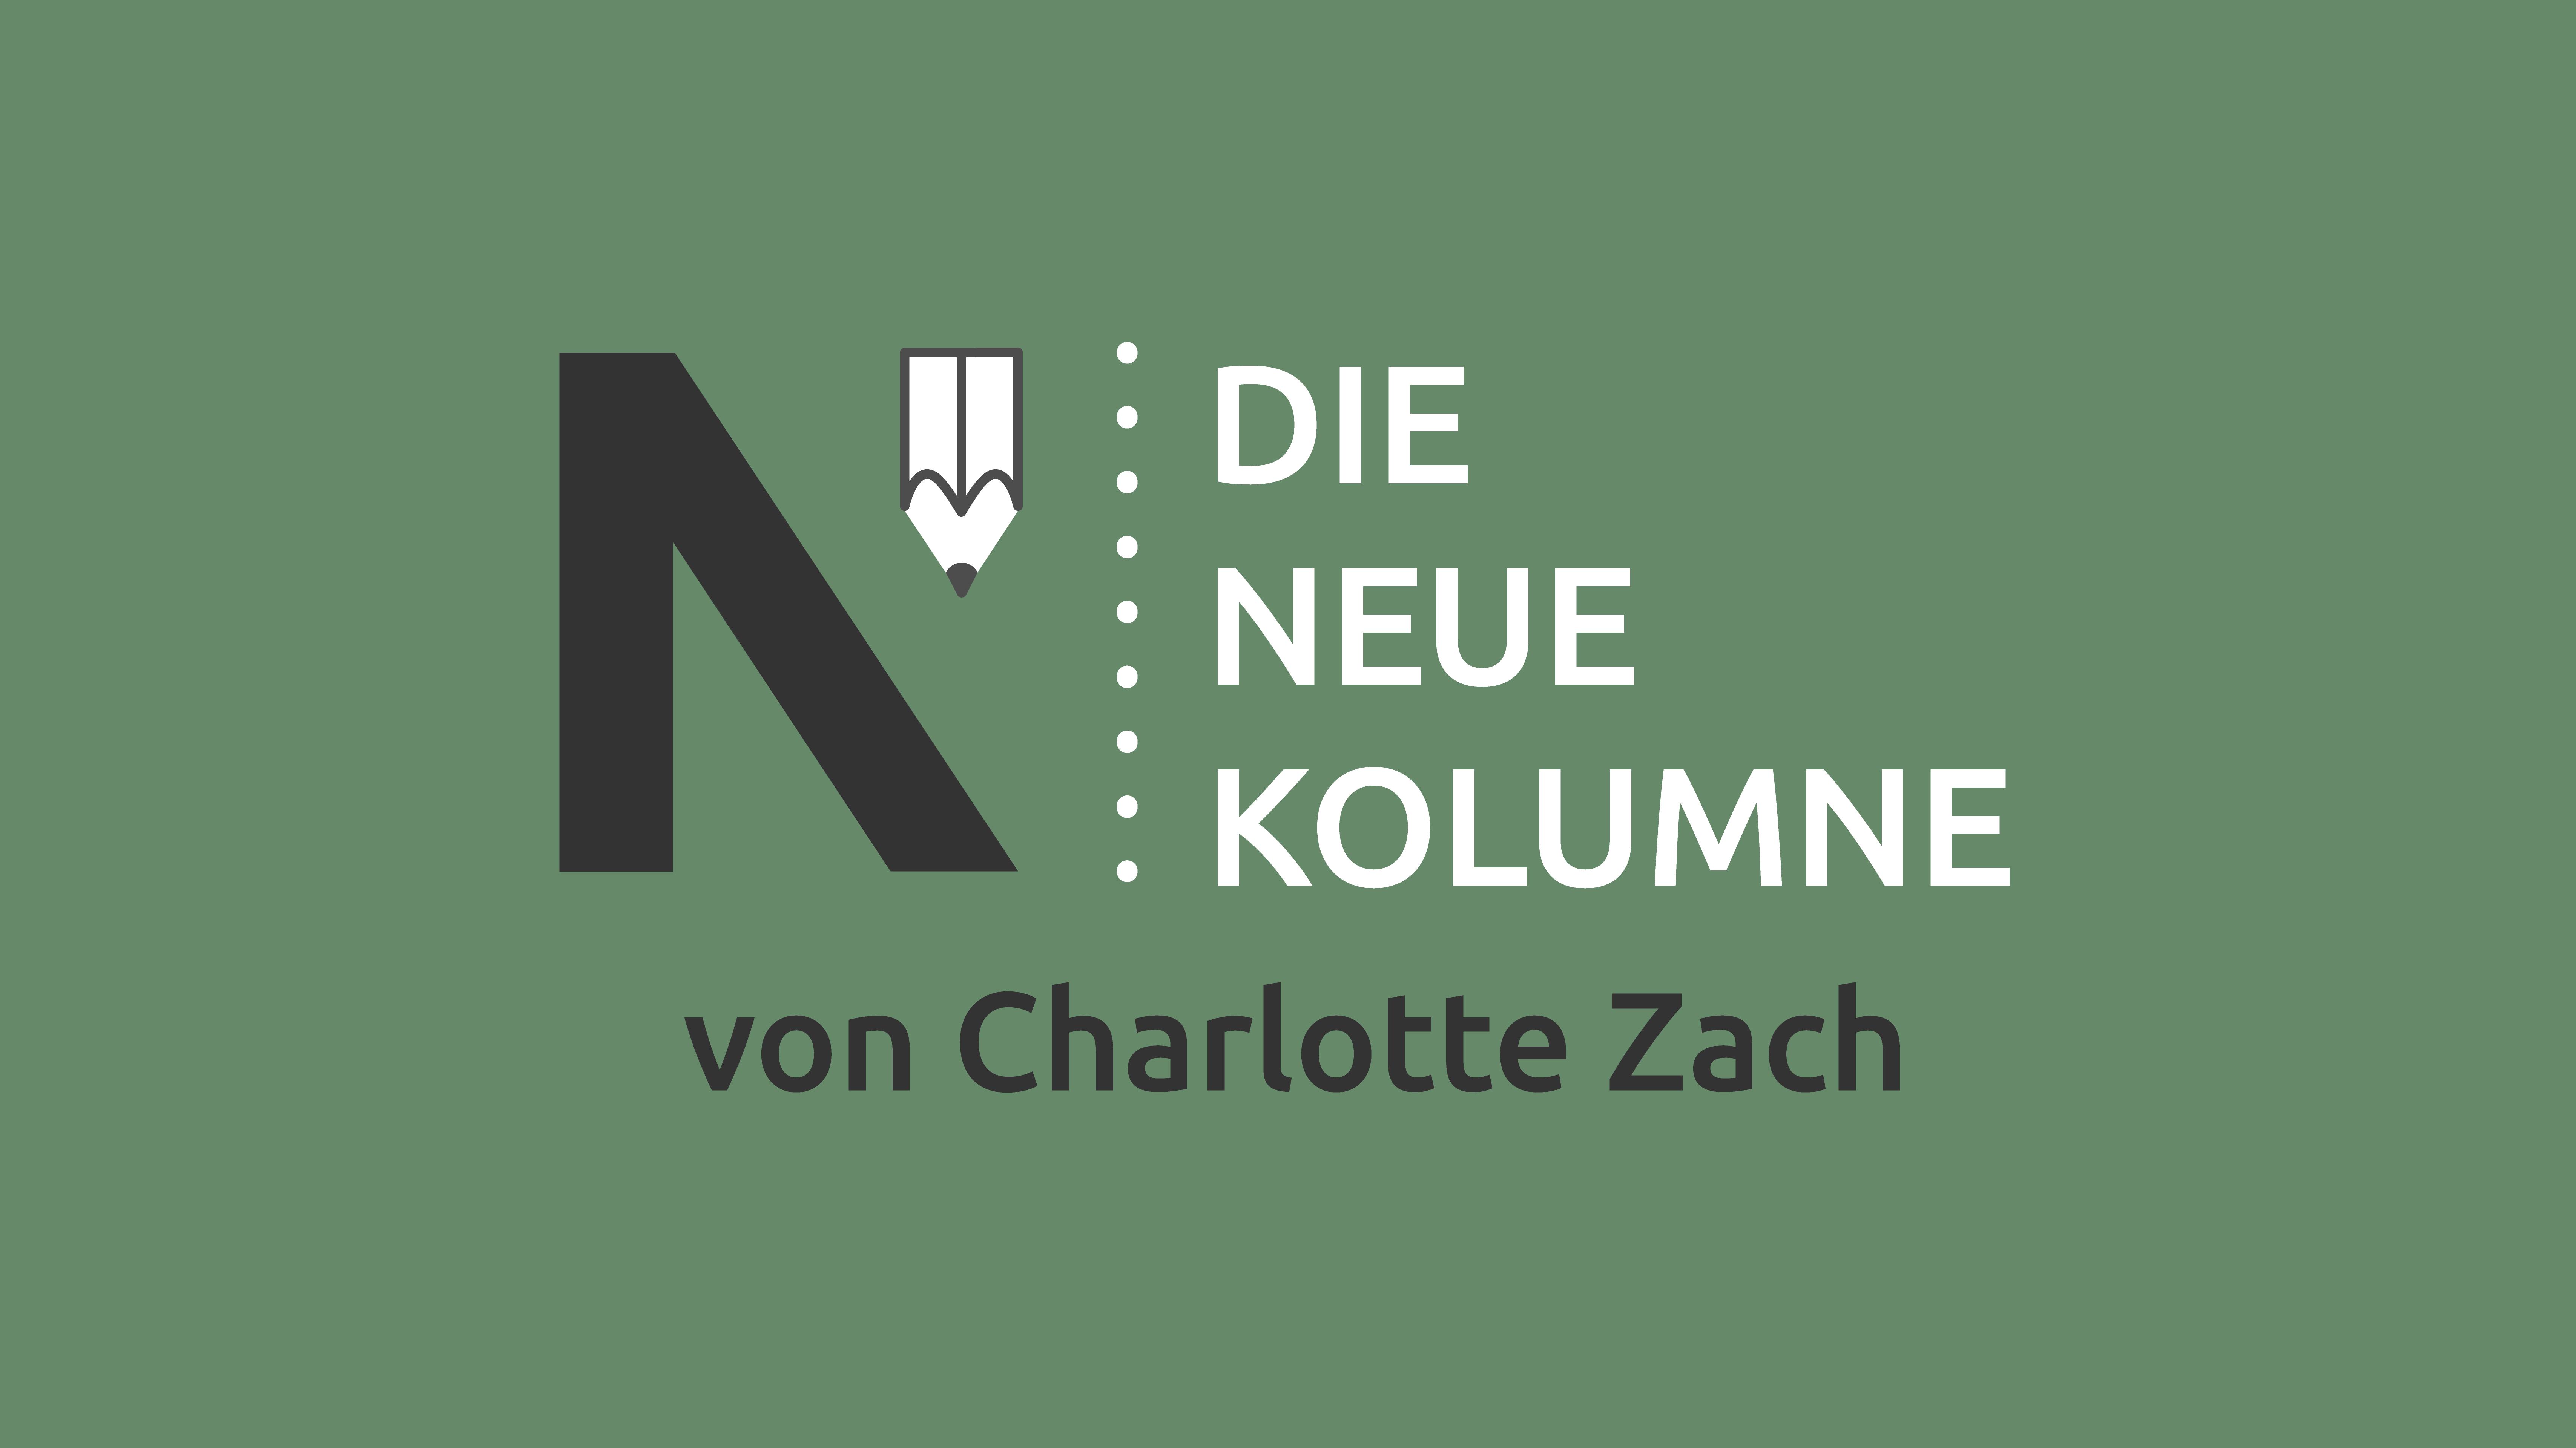 Das Logo von Die Neue Norm auf grünem Grund. Rechts davon steht: Die Neue Kolumne. Unten steht: Von Charlotte Zach.